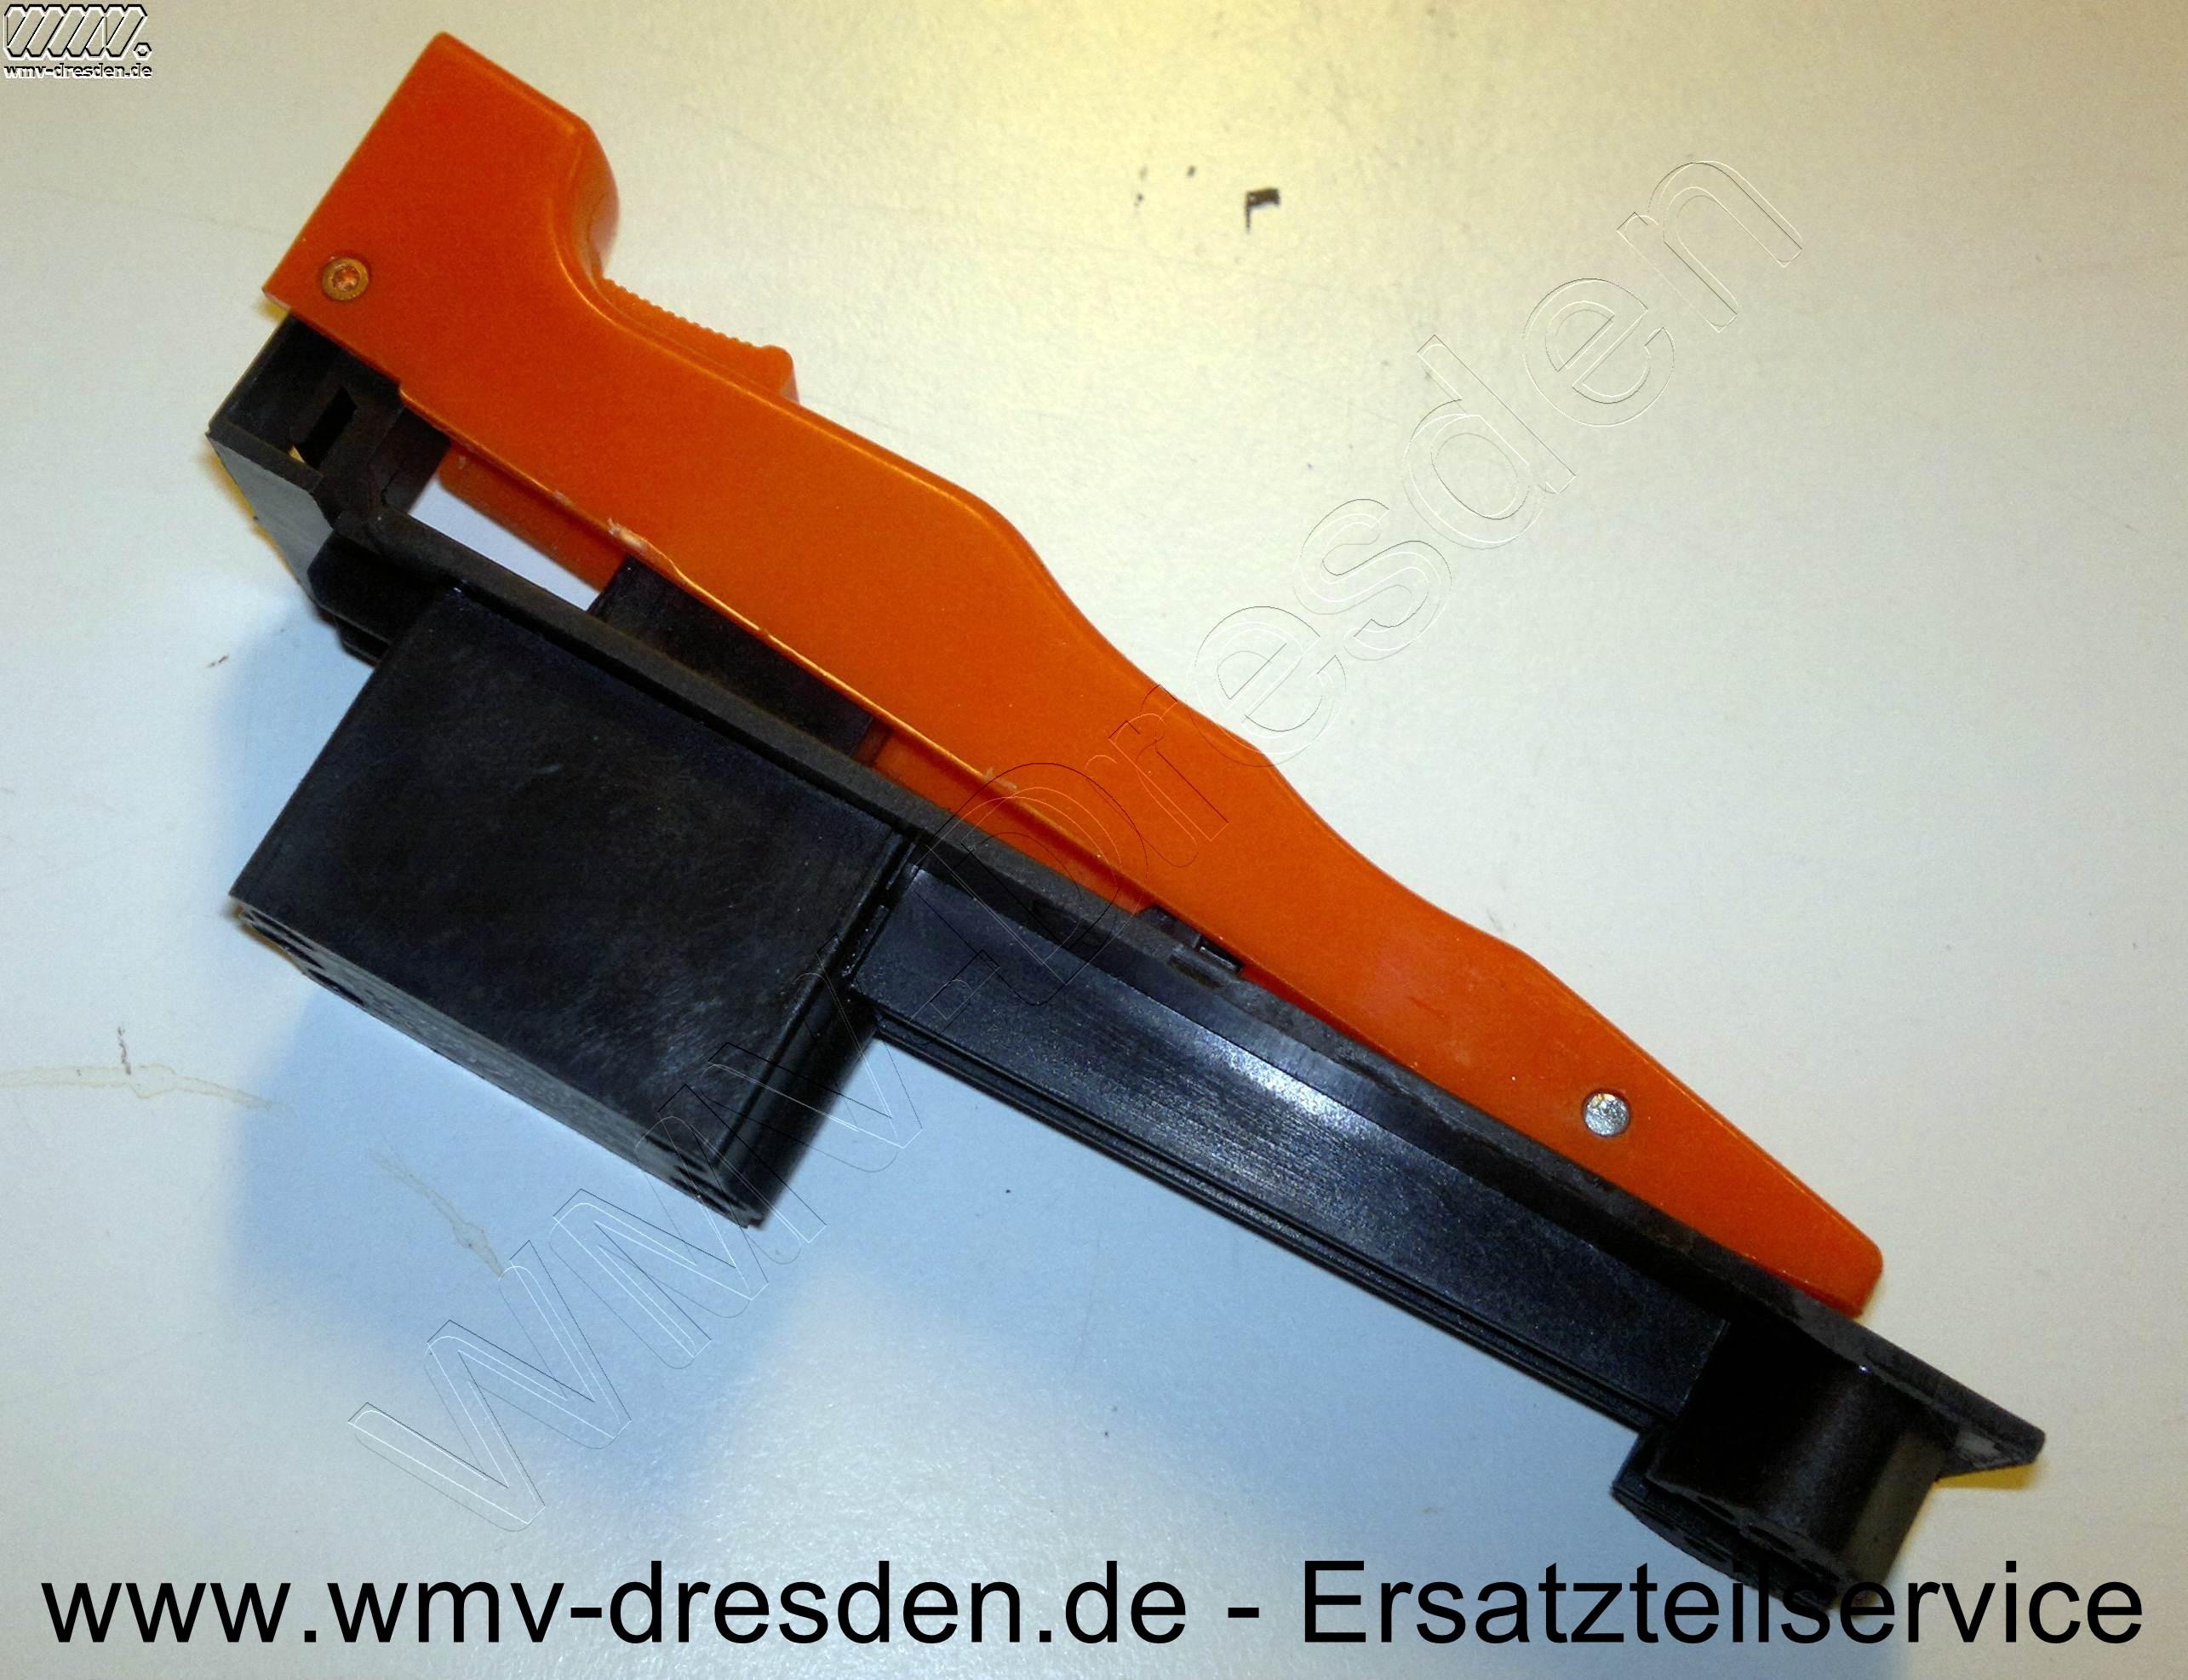 Schalter fuer KWS 230 / WS 230 / MWS 2000 / TRWS 2000 / 2200